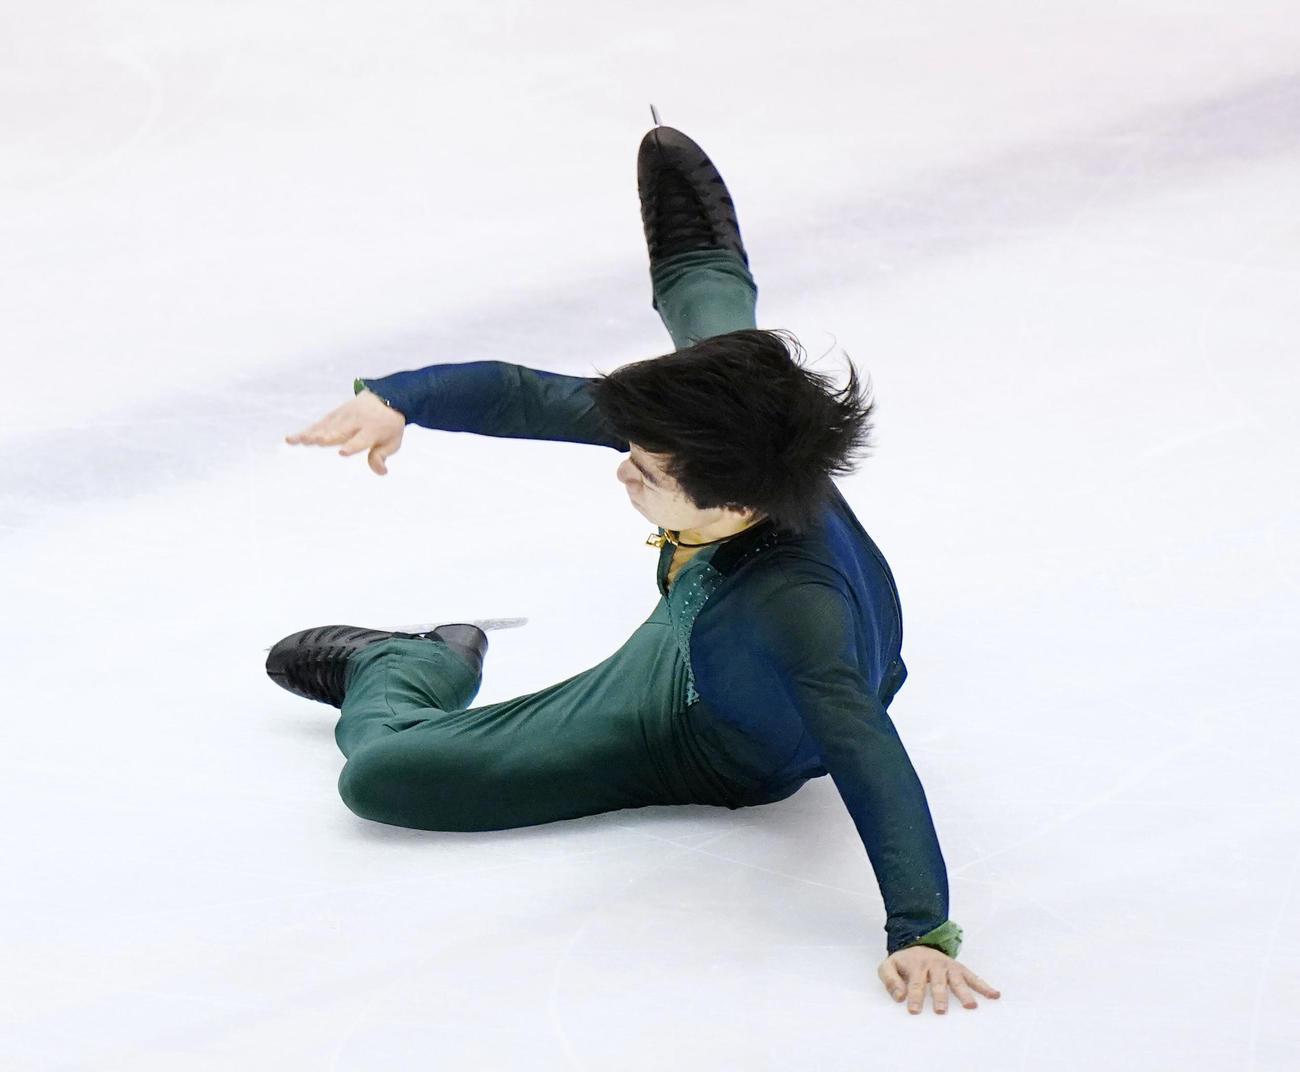 冬季国体2021 フィギュア少年男子フリー フリー演技でジャンプの着氷に失敗する神奈川・鍵山優真(代表撮影)